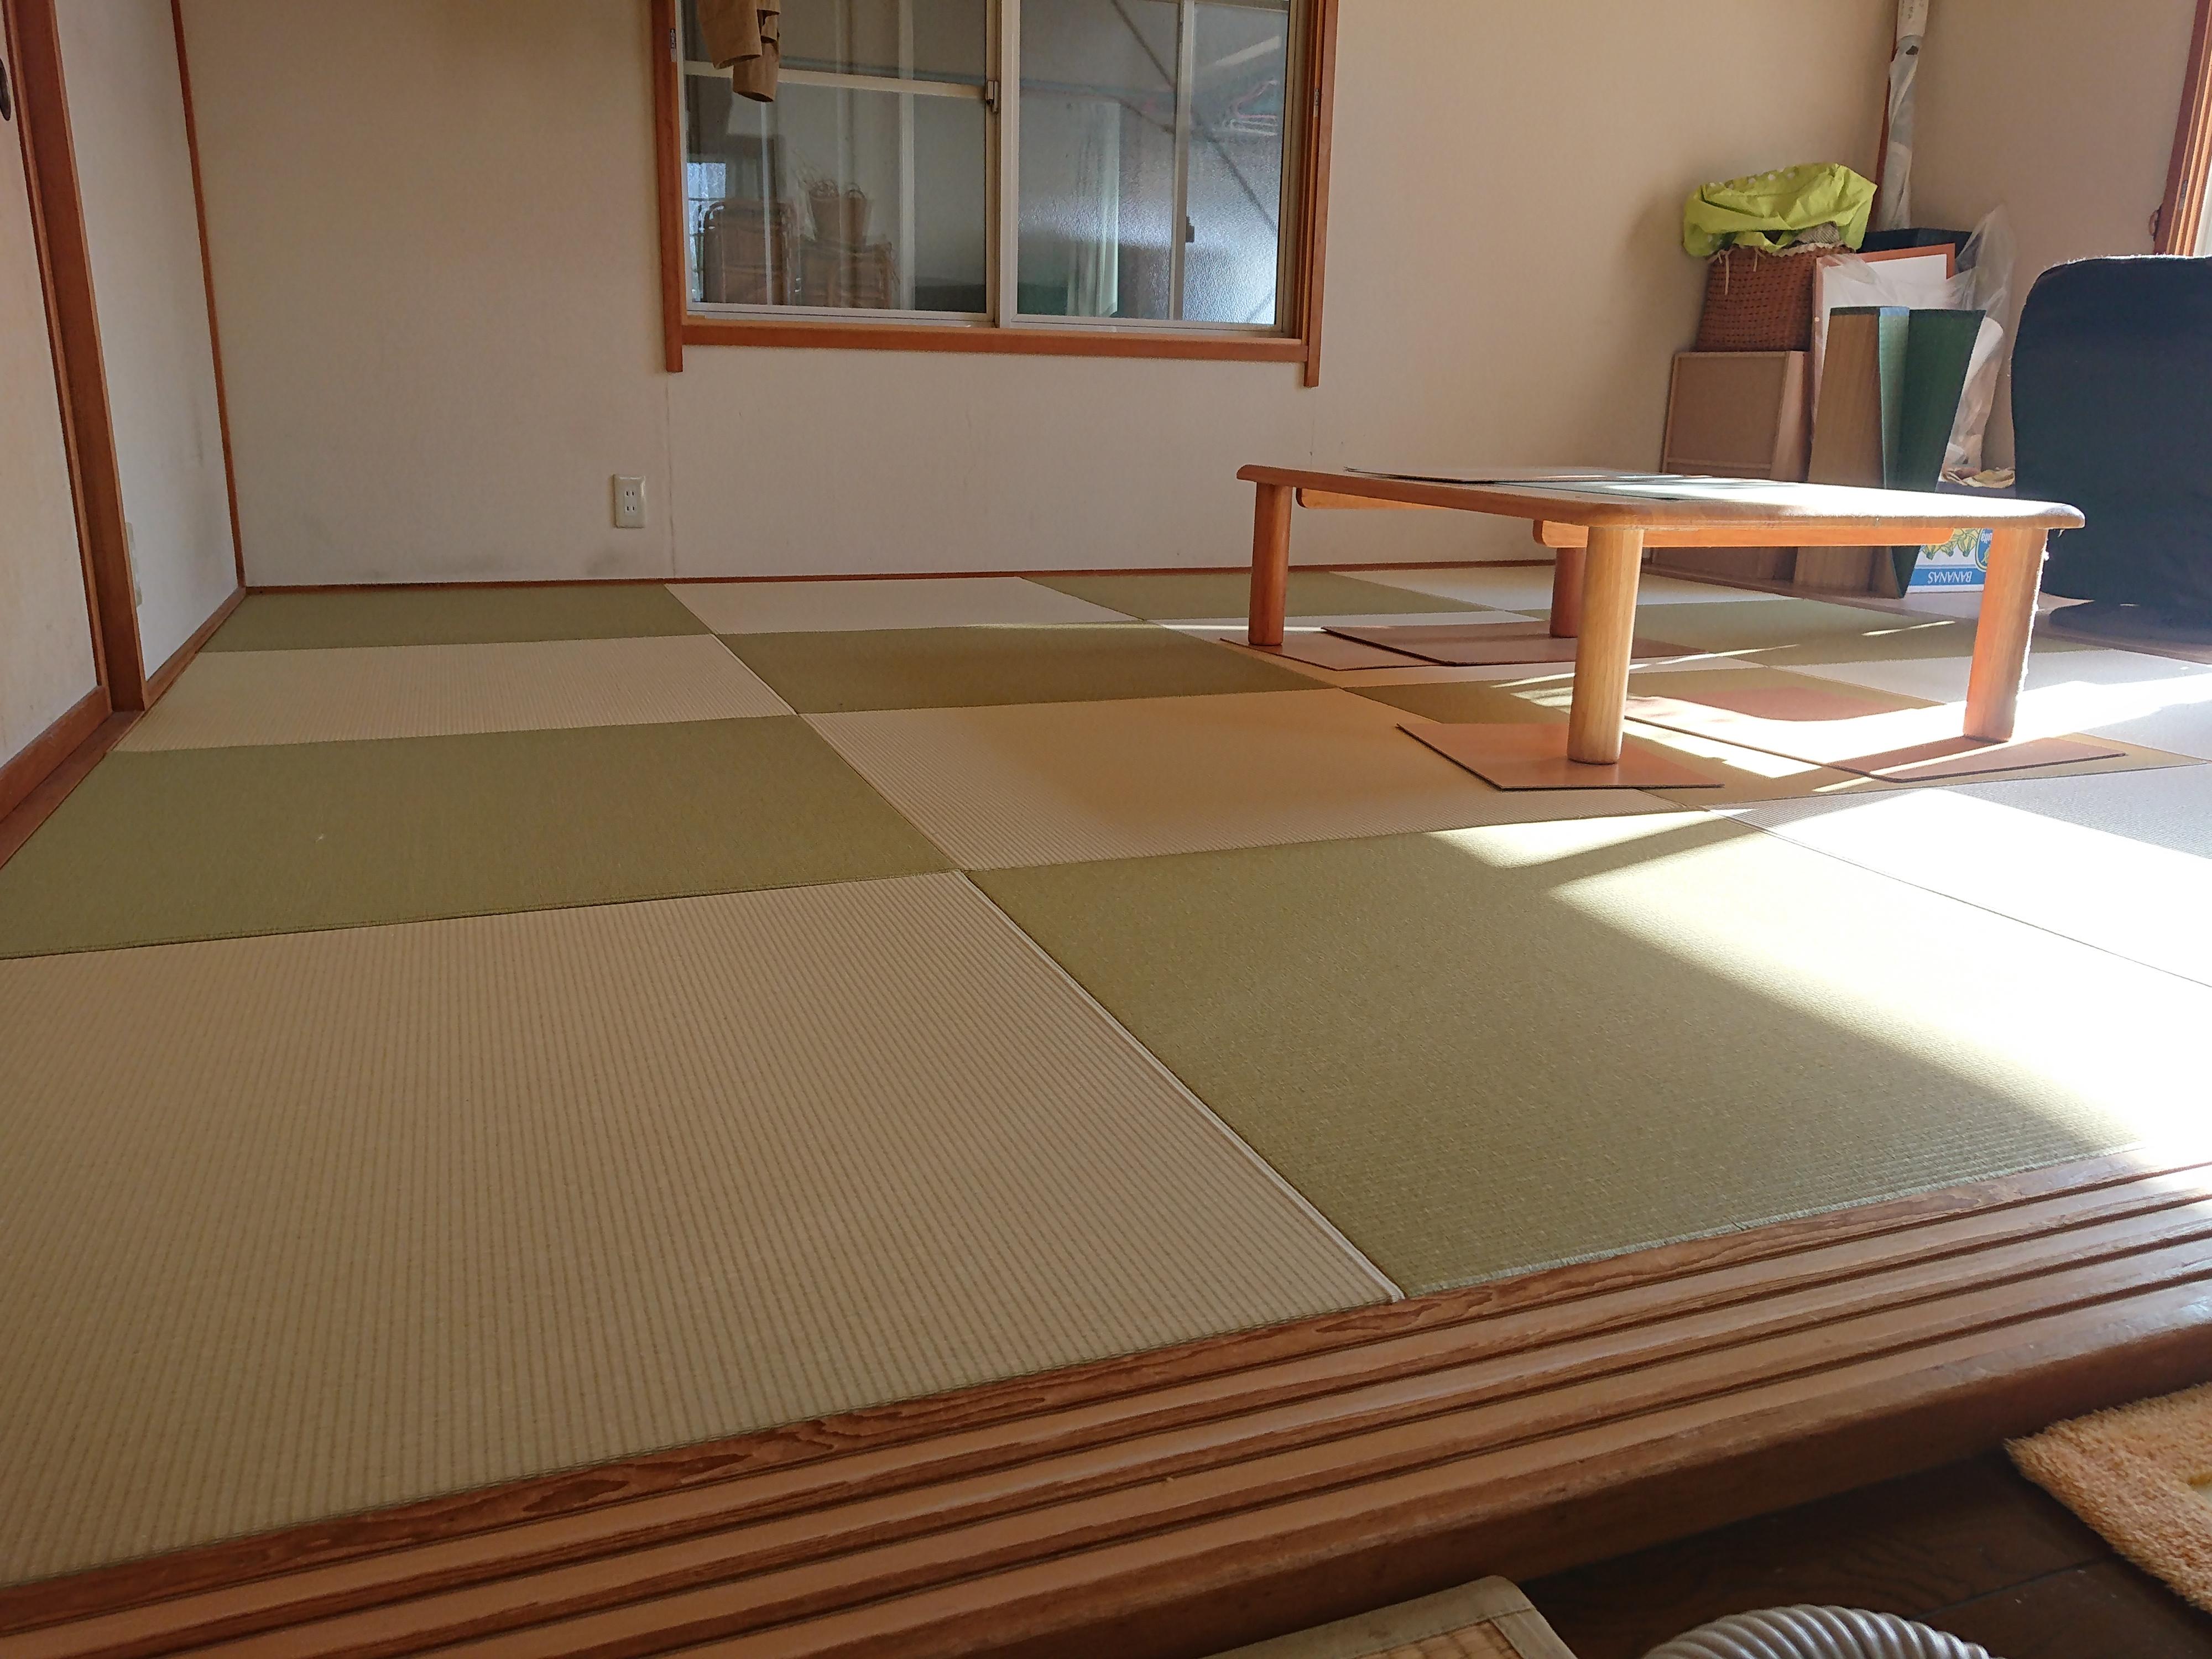 リフォームで、居間の畳を新規で入れ替えし、二色の和紙表で縁ナシに納めました。